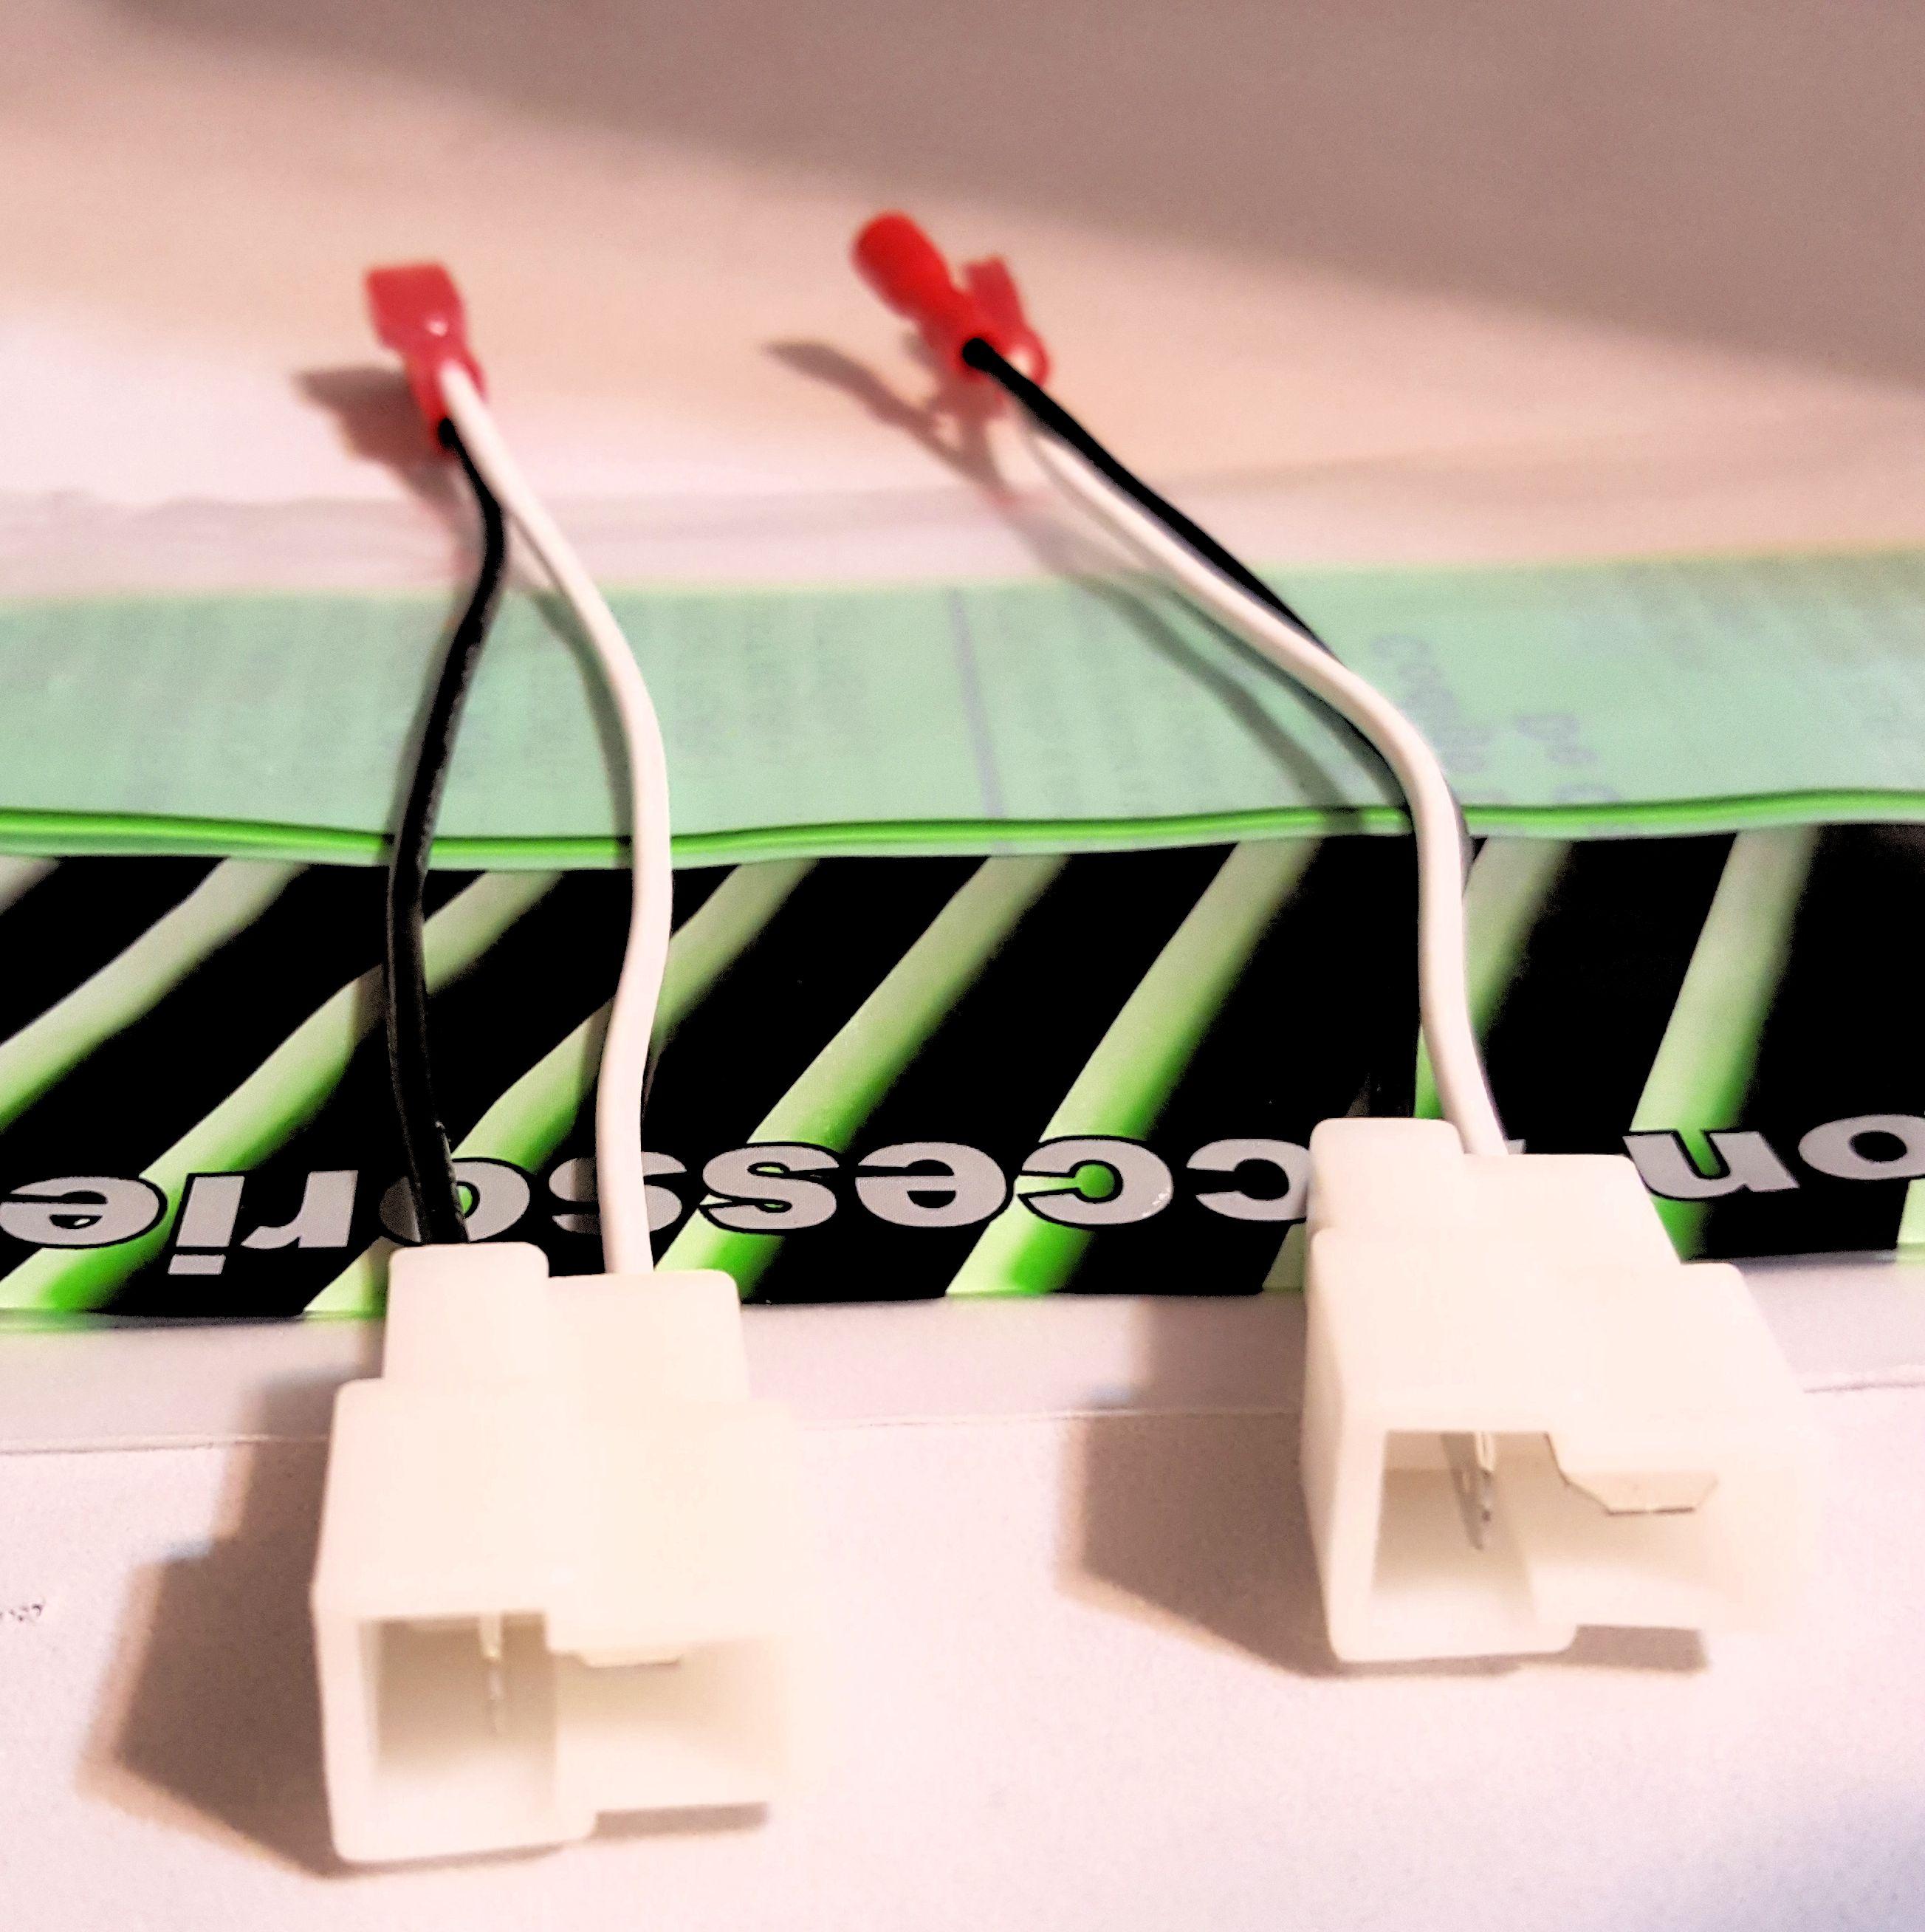 wiring harness 2004 suzuki verona wiring diagram general  4 wire connector of brake light switch